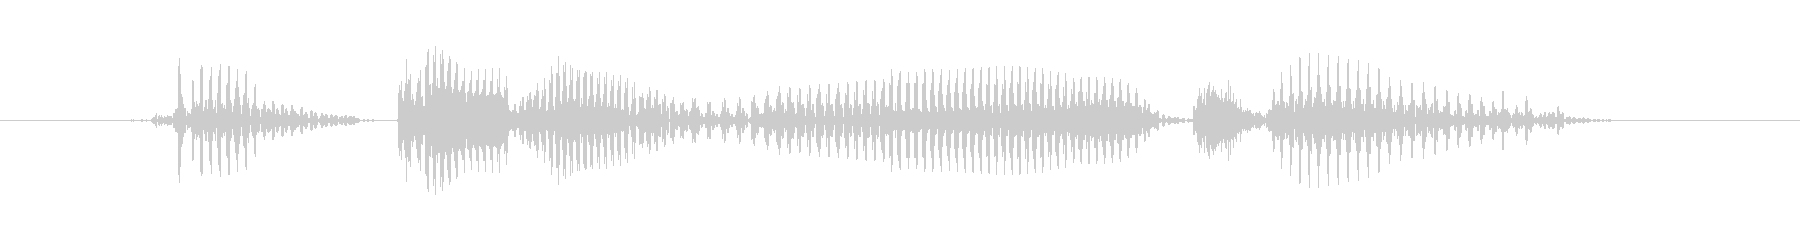 ティーンオスB:意味がわからなかったの未再生の波形